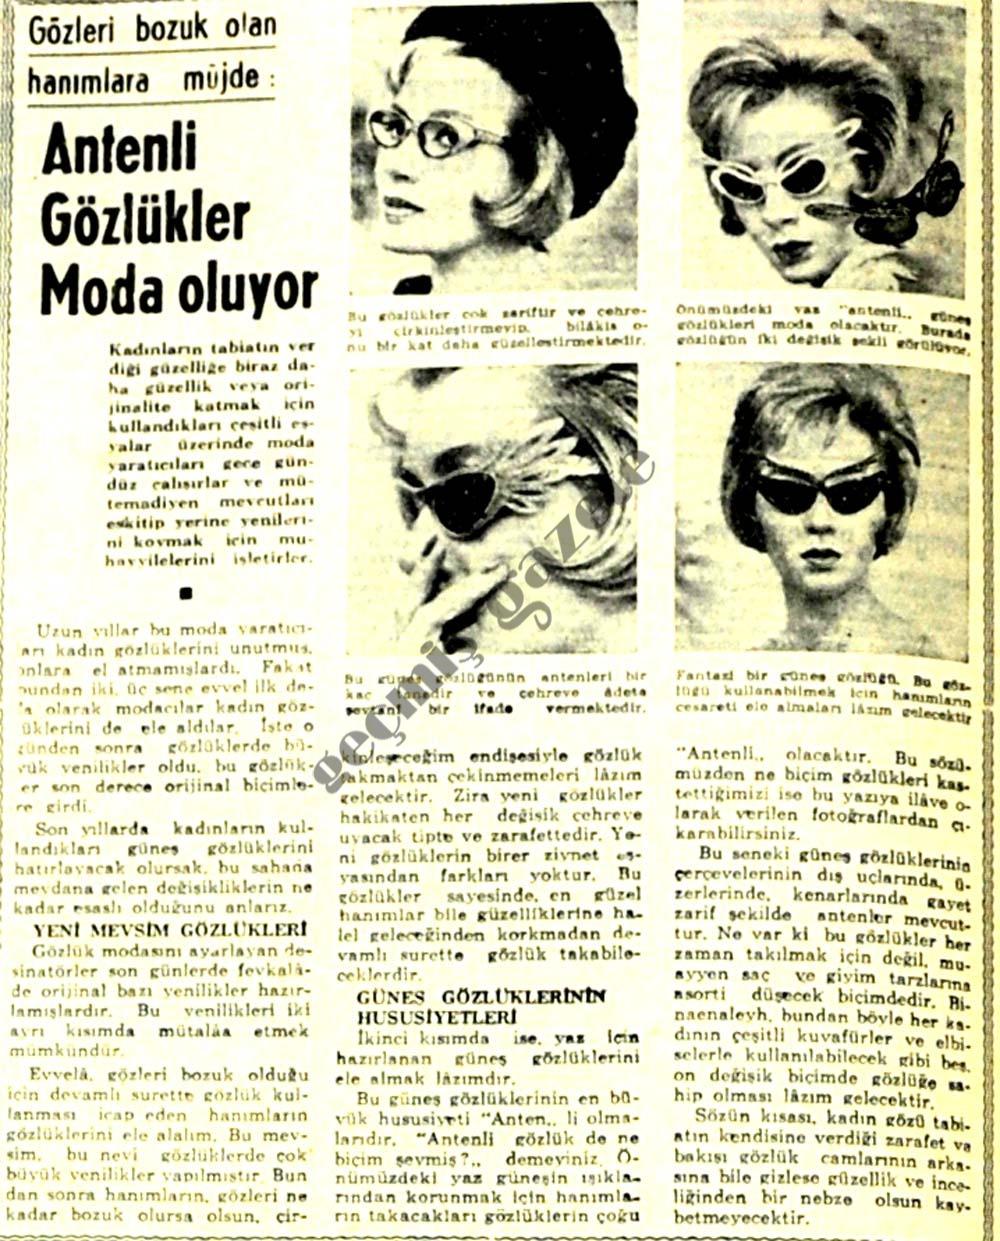 Antenli gözlükler moda oluyor